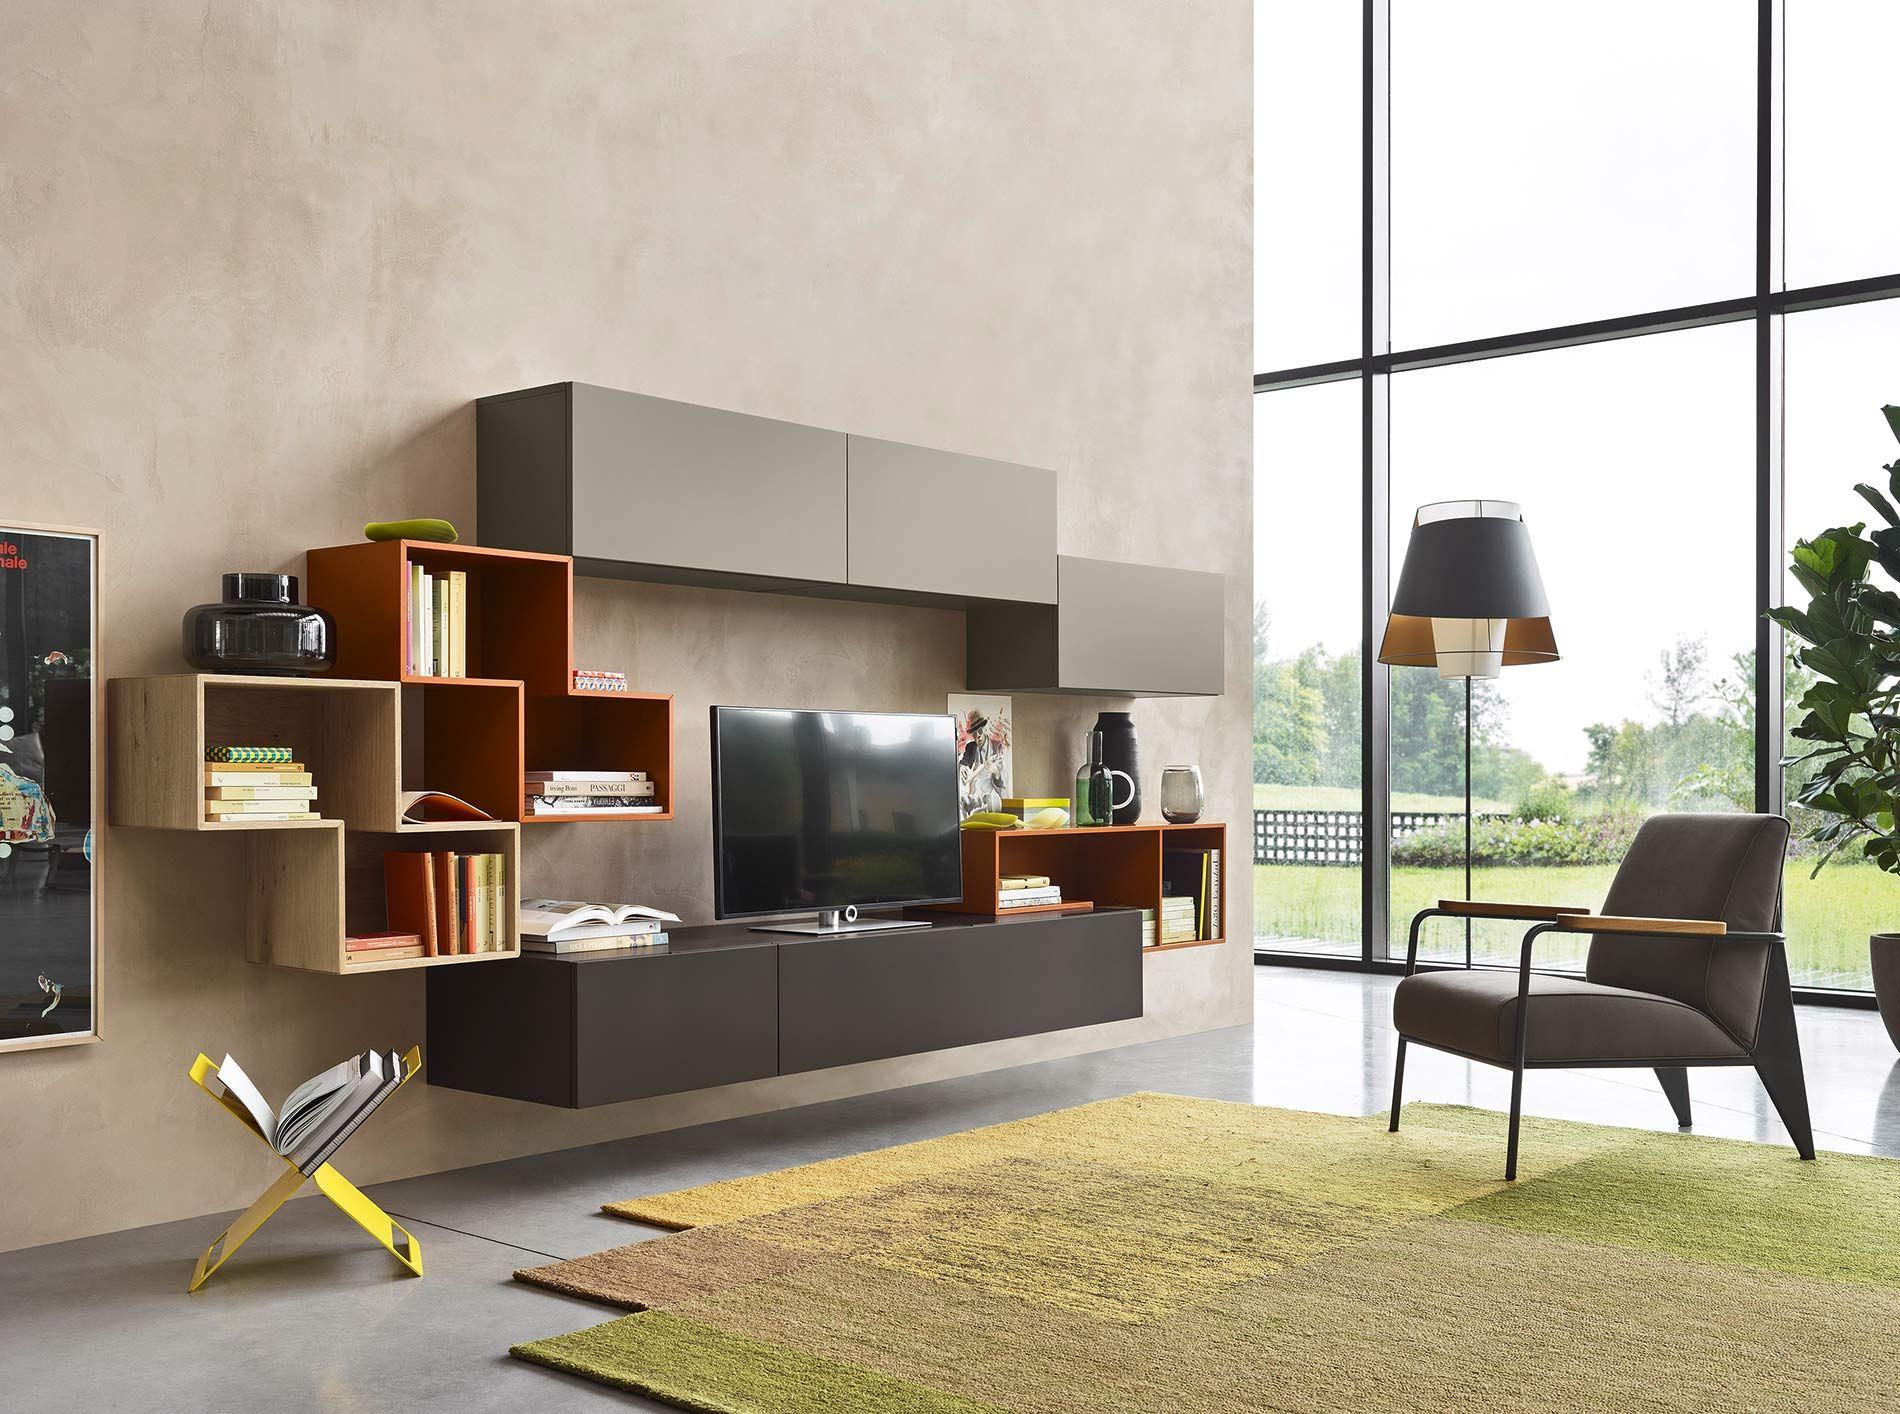 Schwebende Design Wohnwand Mit Design Tetris Regal Und Offenen  Bücherregalen In Orange Braun Matt Lackiert.